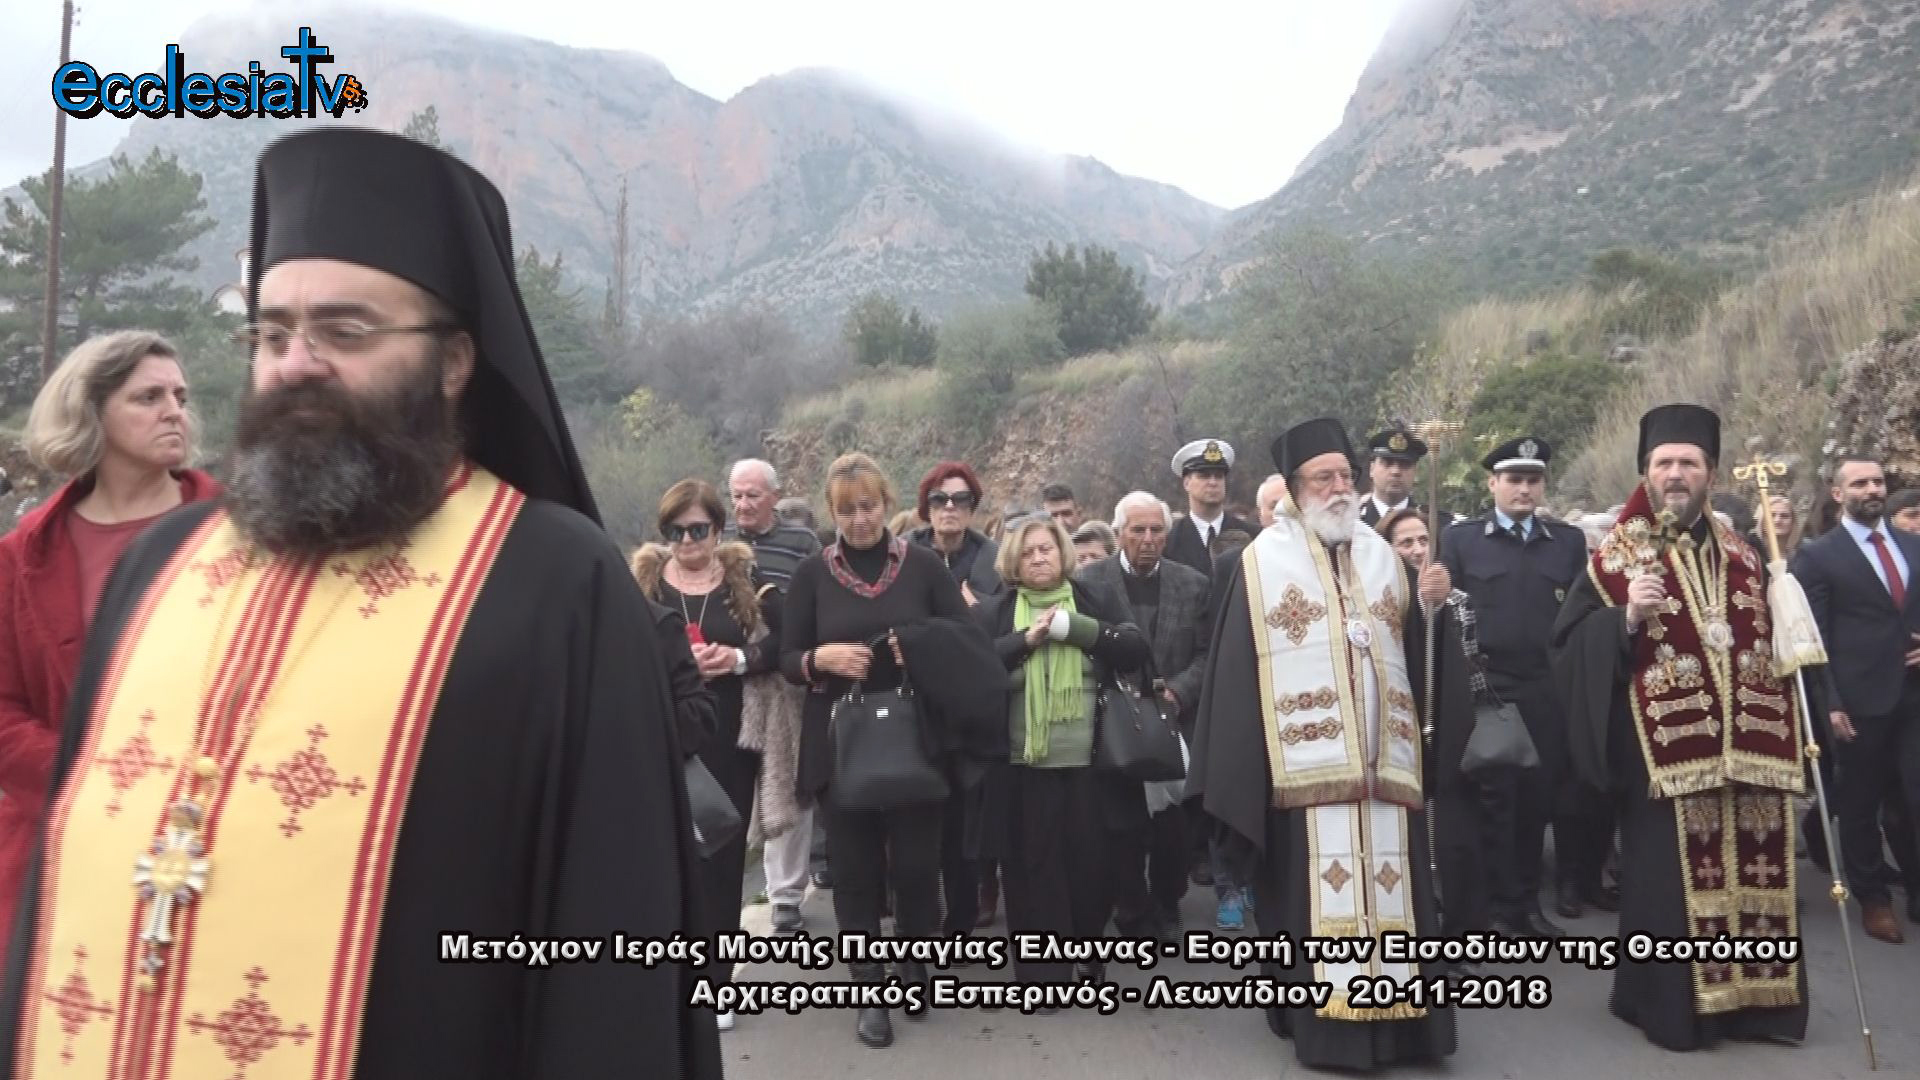 Μετόχιον Ιεράς Μονής Παναγίας Έλωνας - Εορτή των Εισοδίων της Θεοτόκου - Αρχιερατικός Εσπερινός - Λεωνίδιον